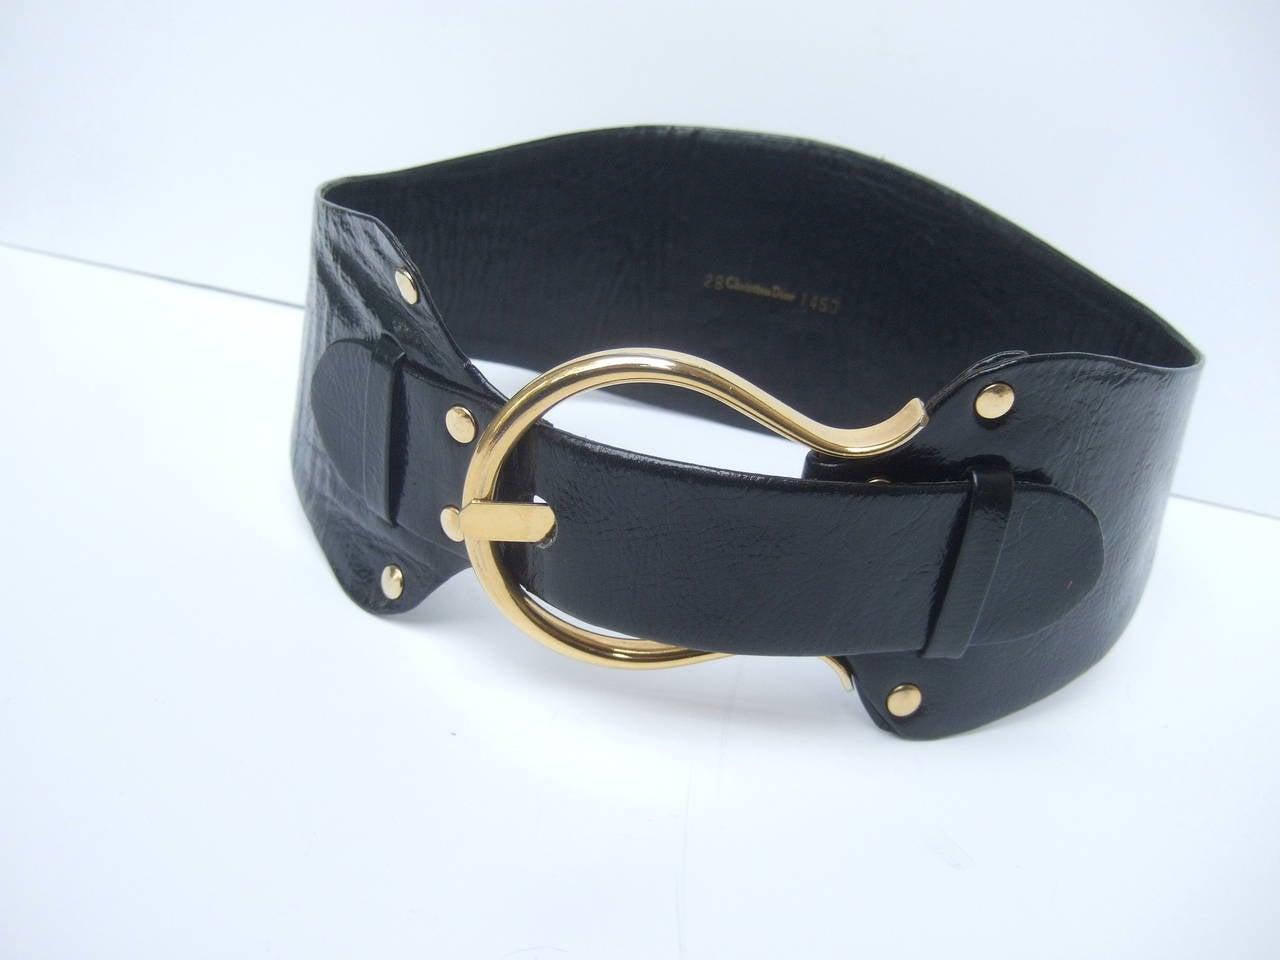 Christian Dior Wide Black Leather Vintage Belt c 1970 4